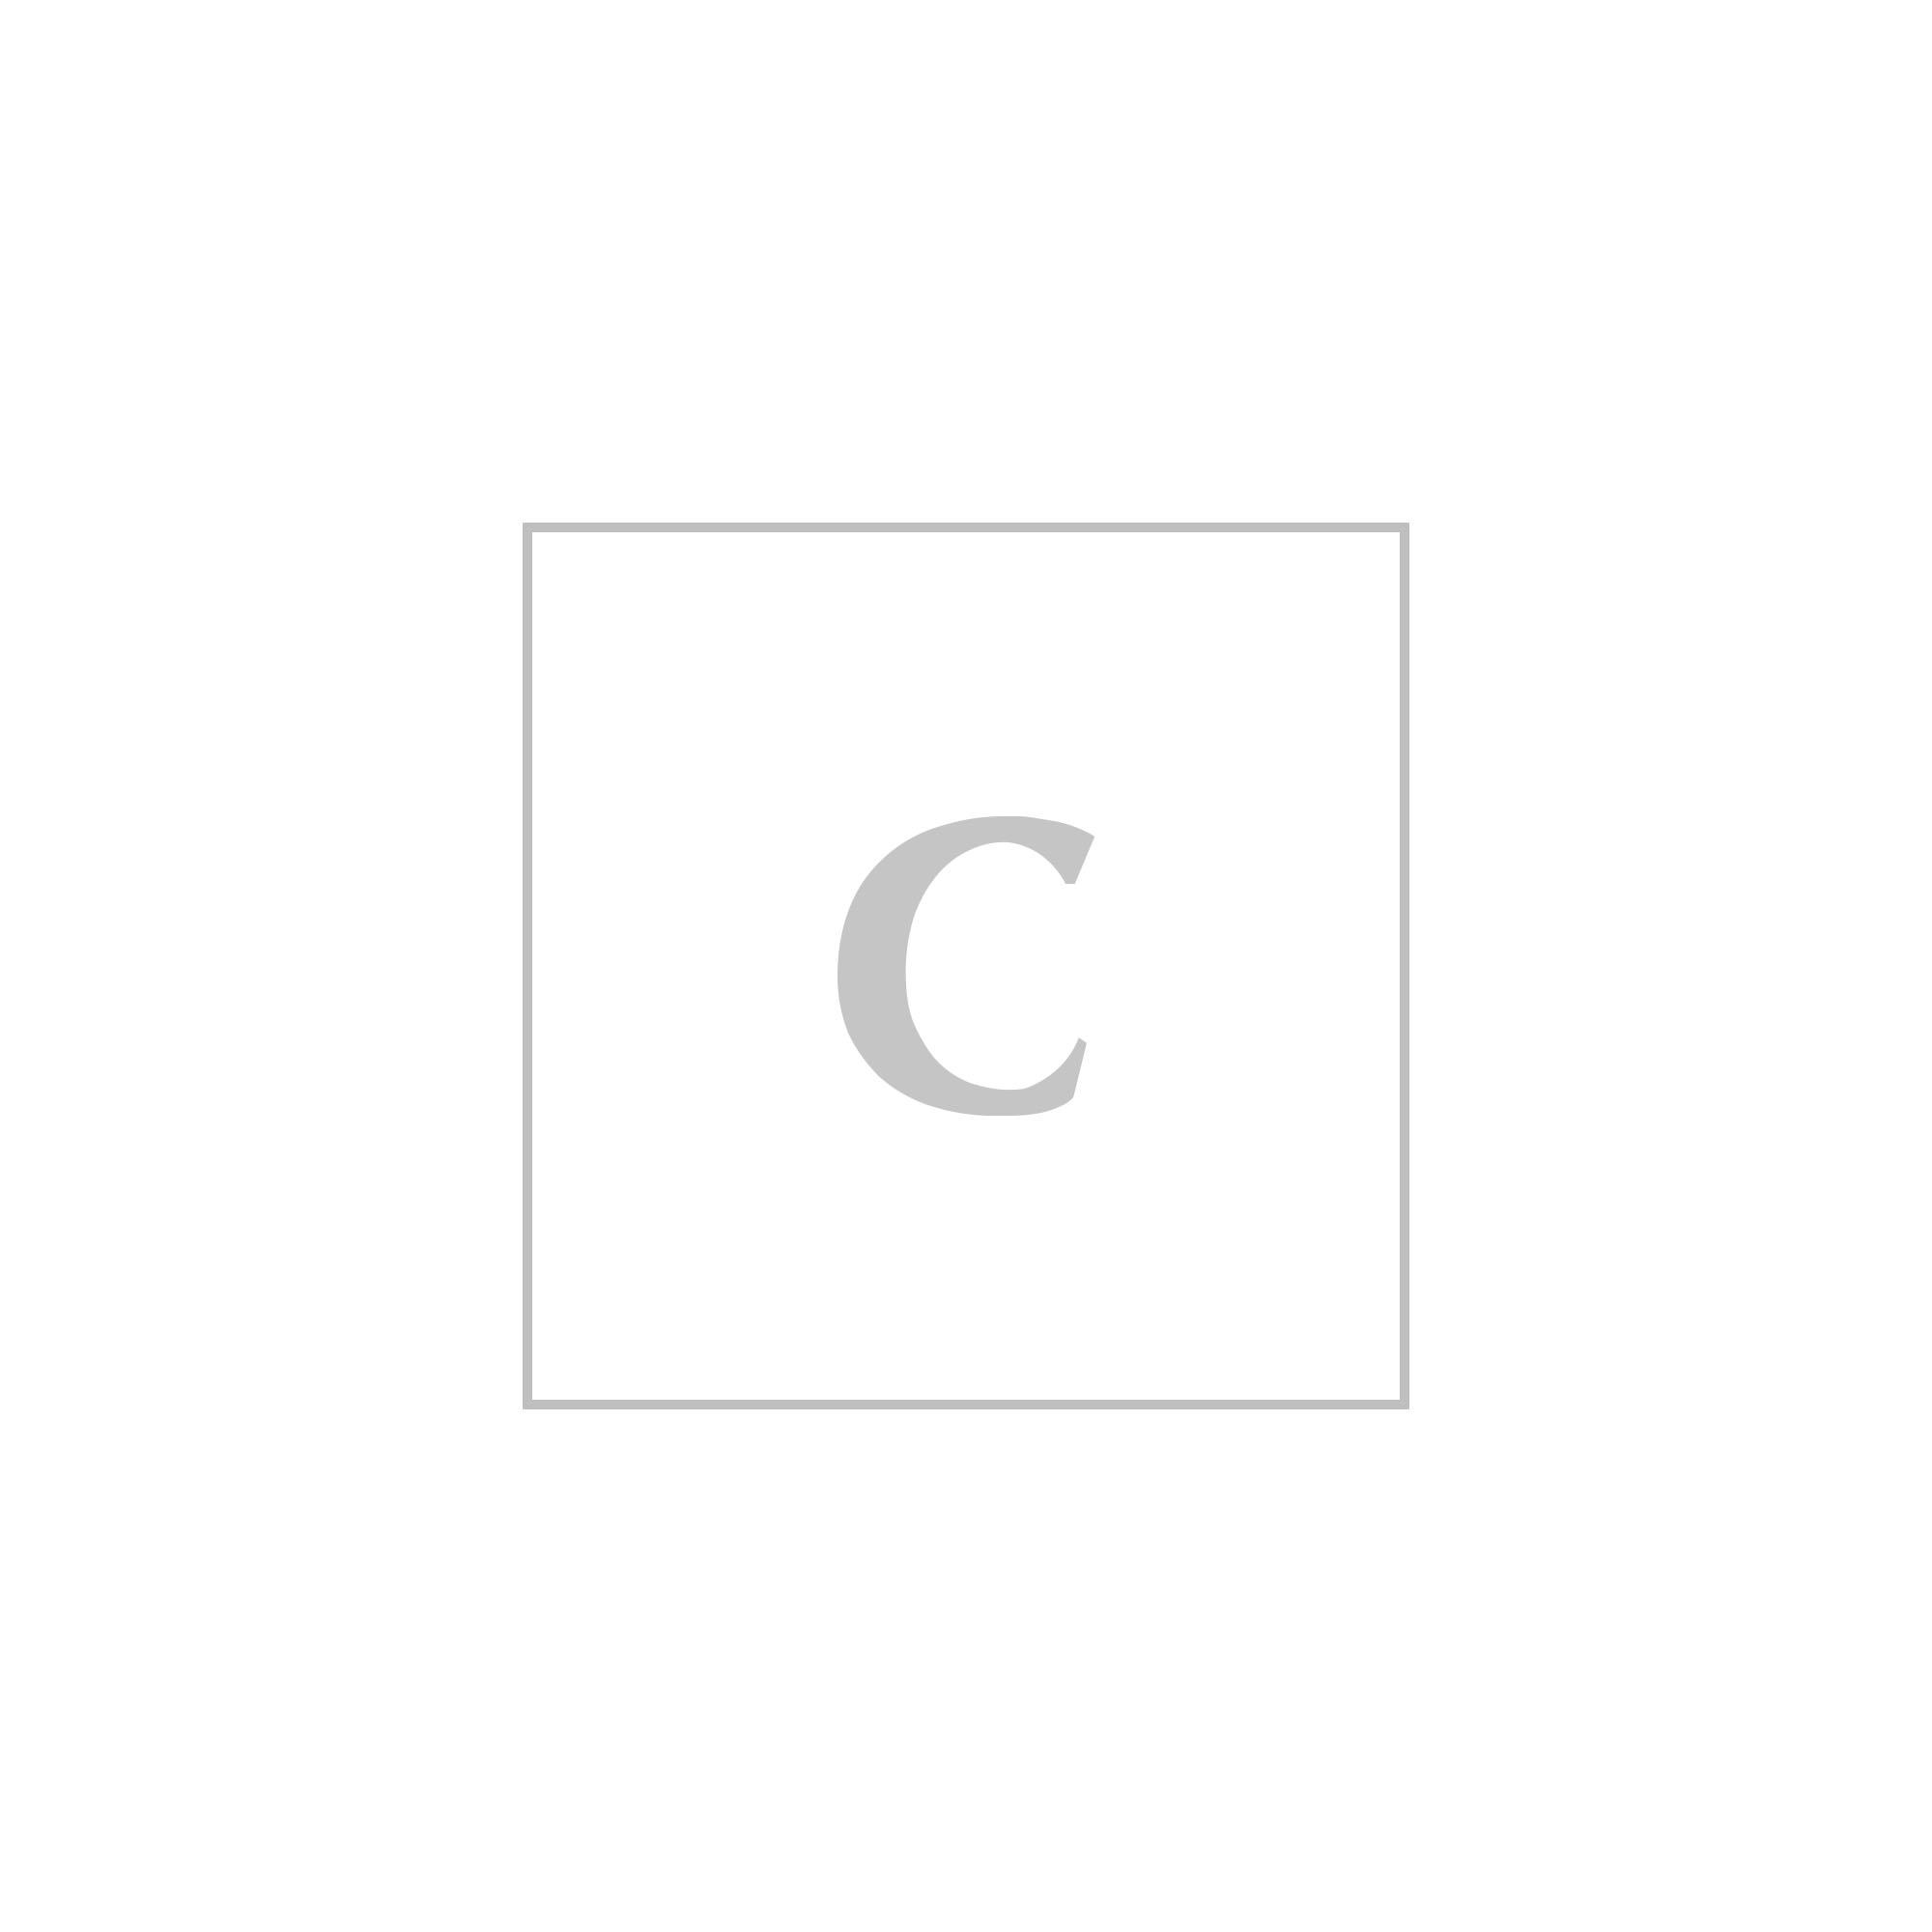 kenzo abbigliamento uomo t-shirt stampa logo